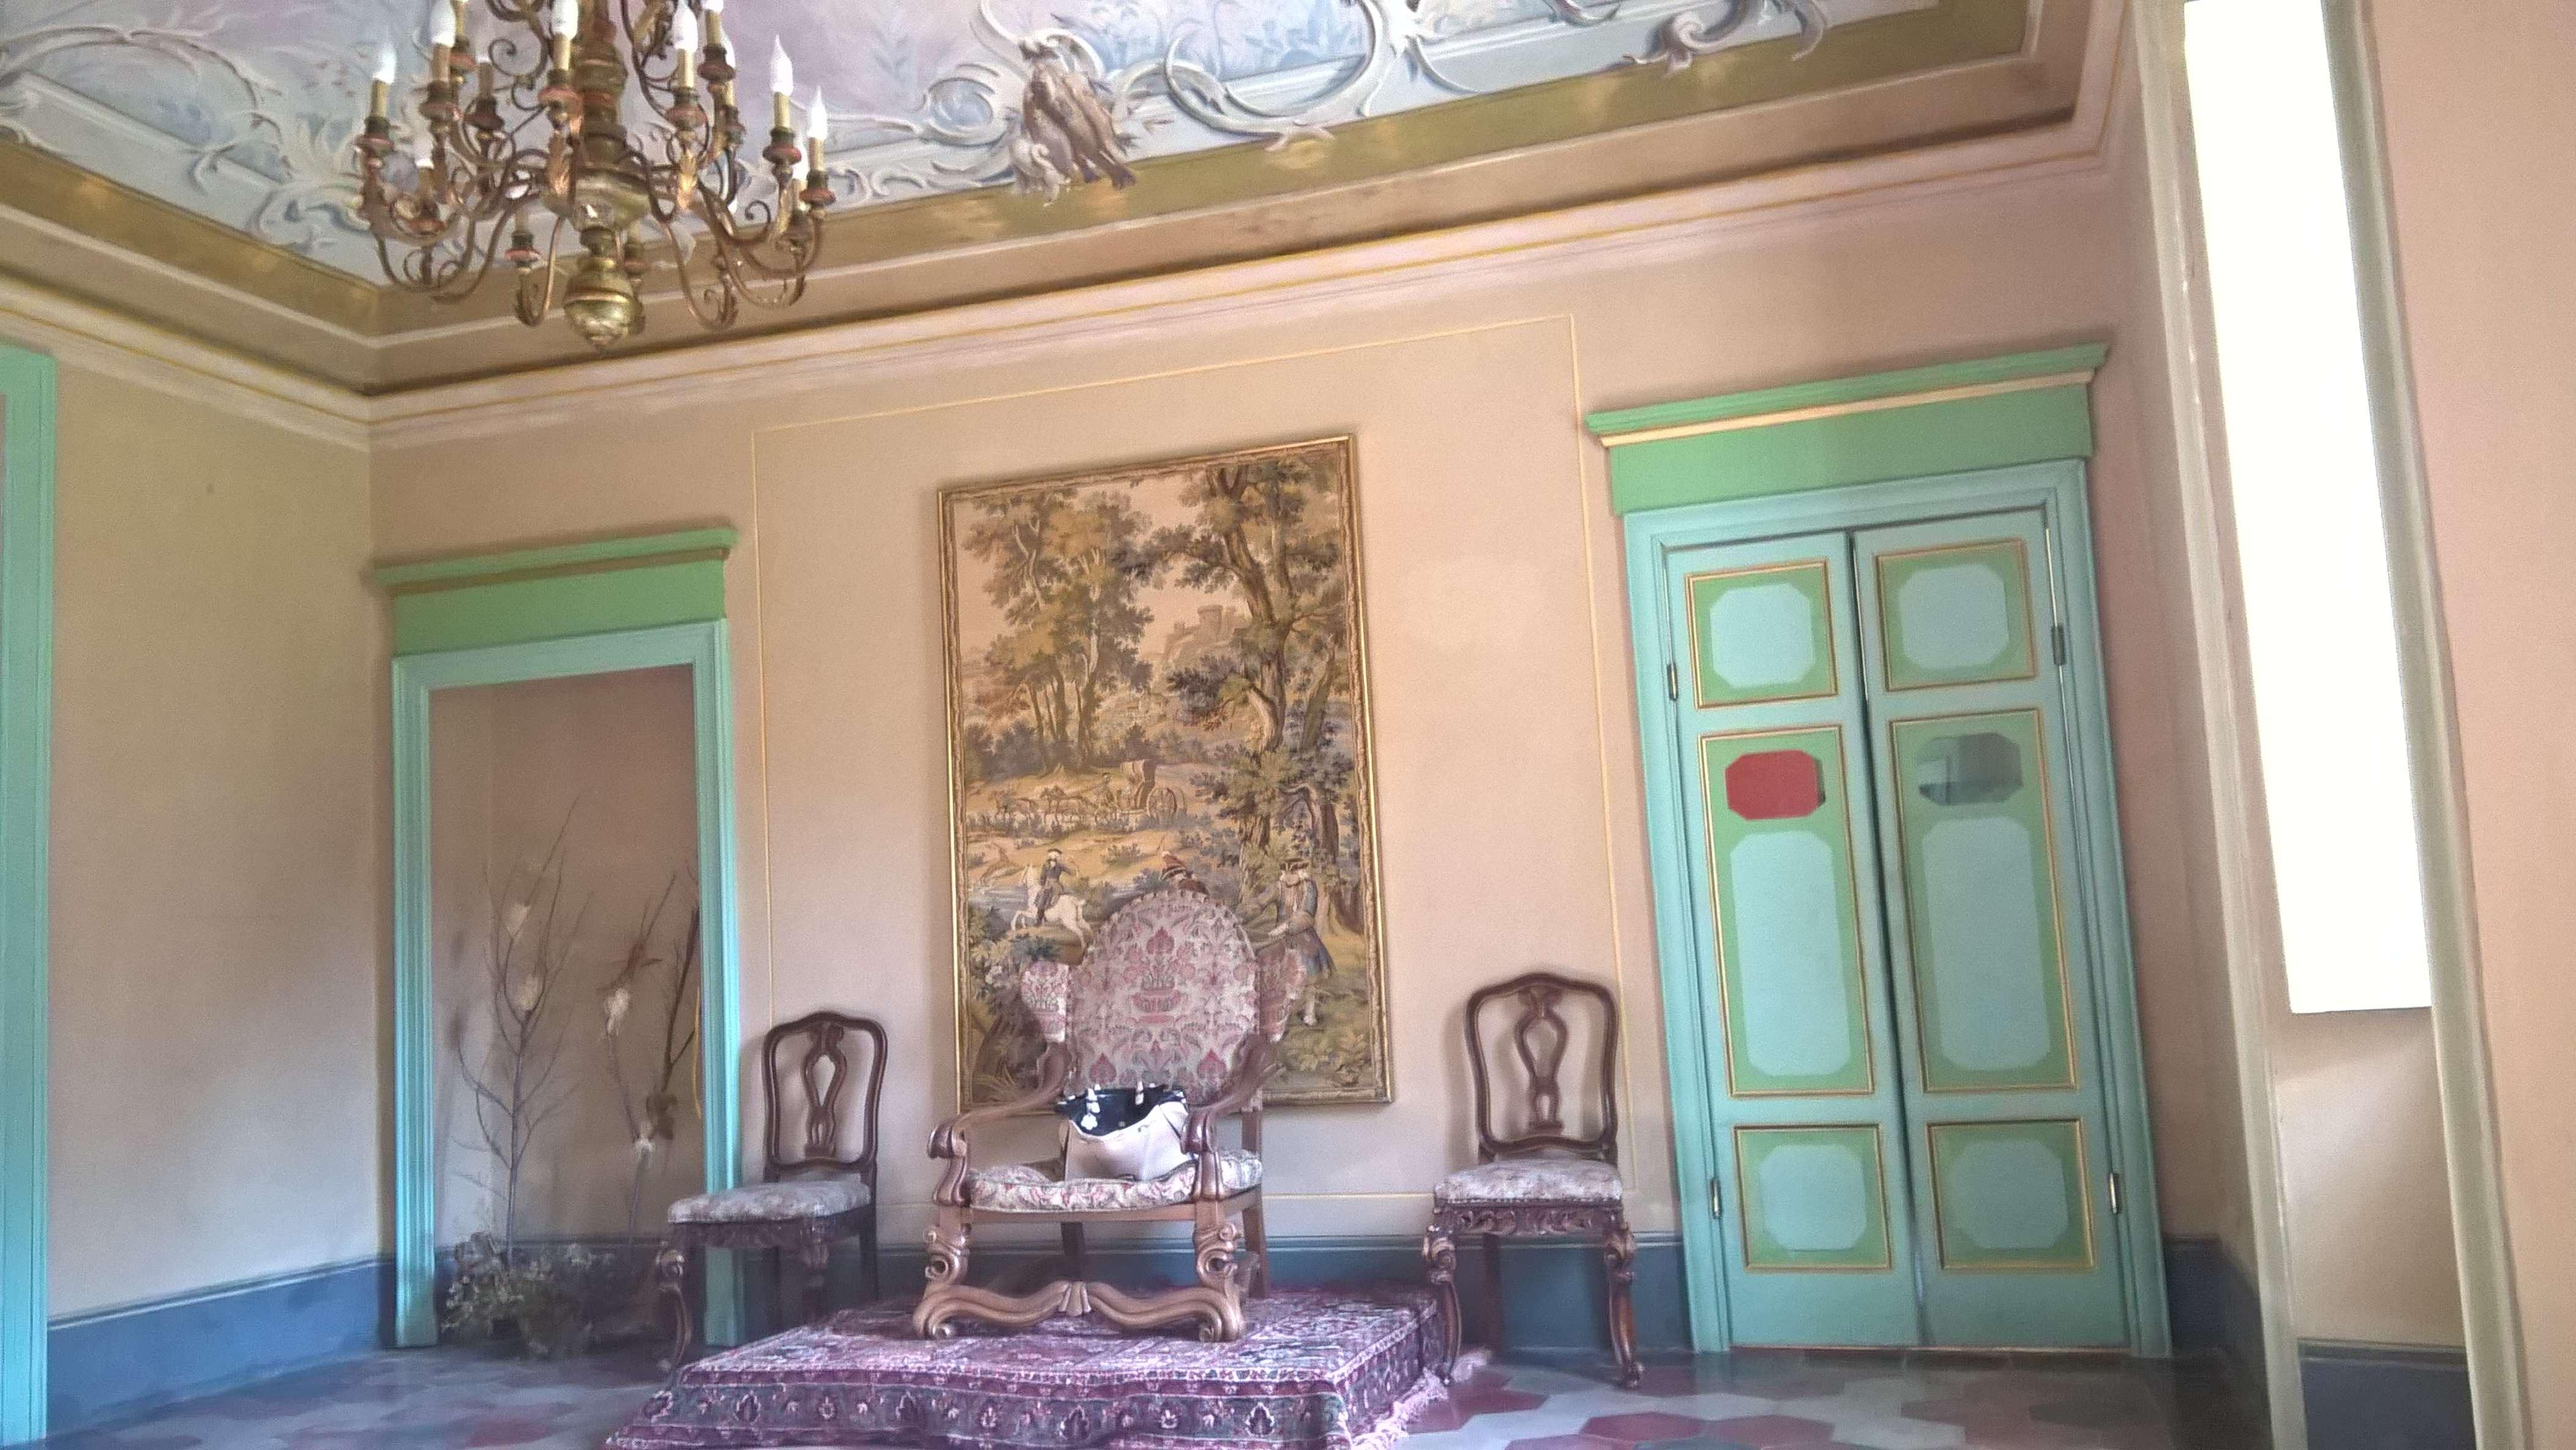 Casa di lusso villa lambertenghi milano for Case di lusso a milano